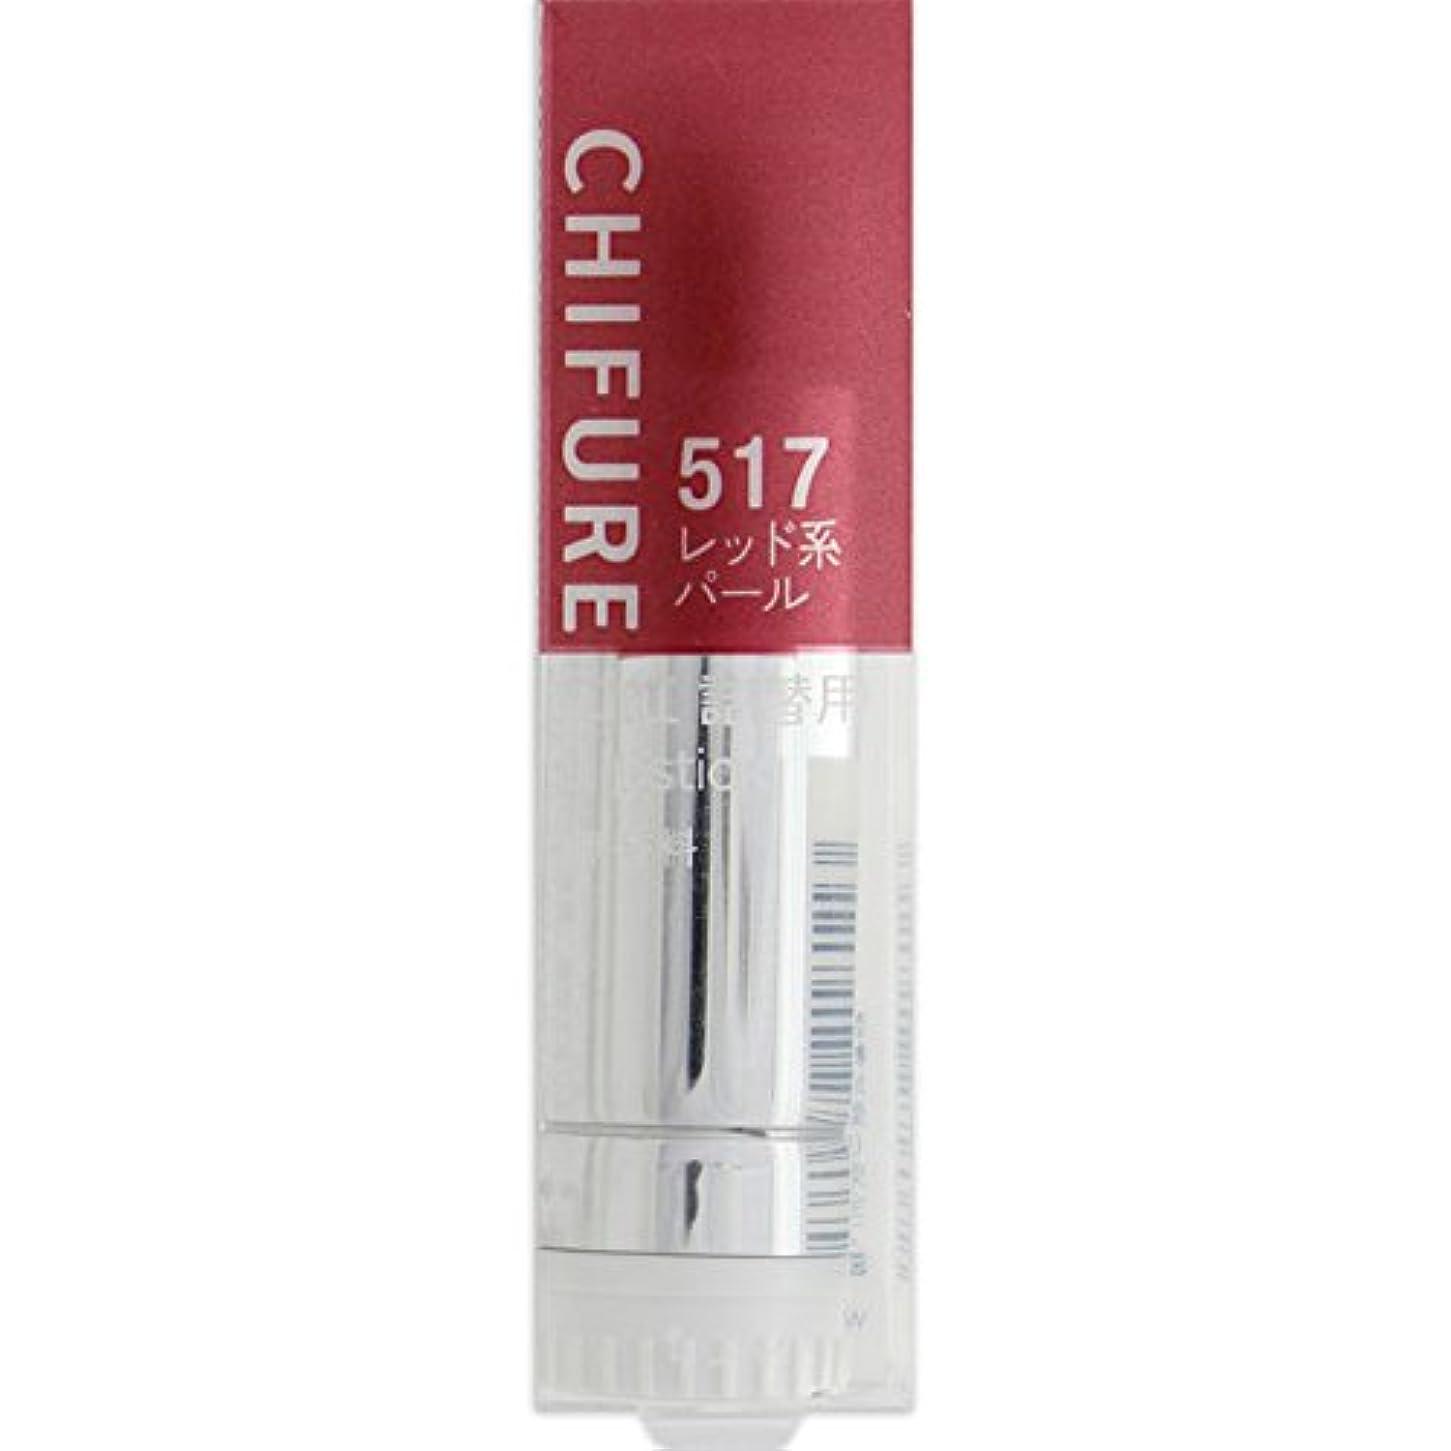 苛性理想的公然とちふれ化粧品 口紅(詰替用) レッド系パール 517